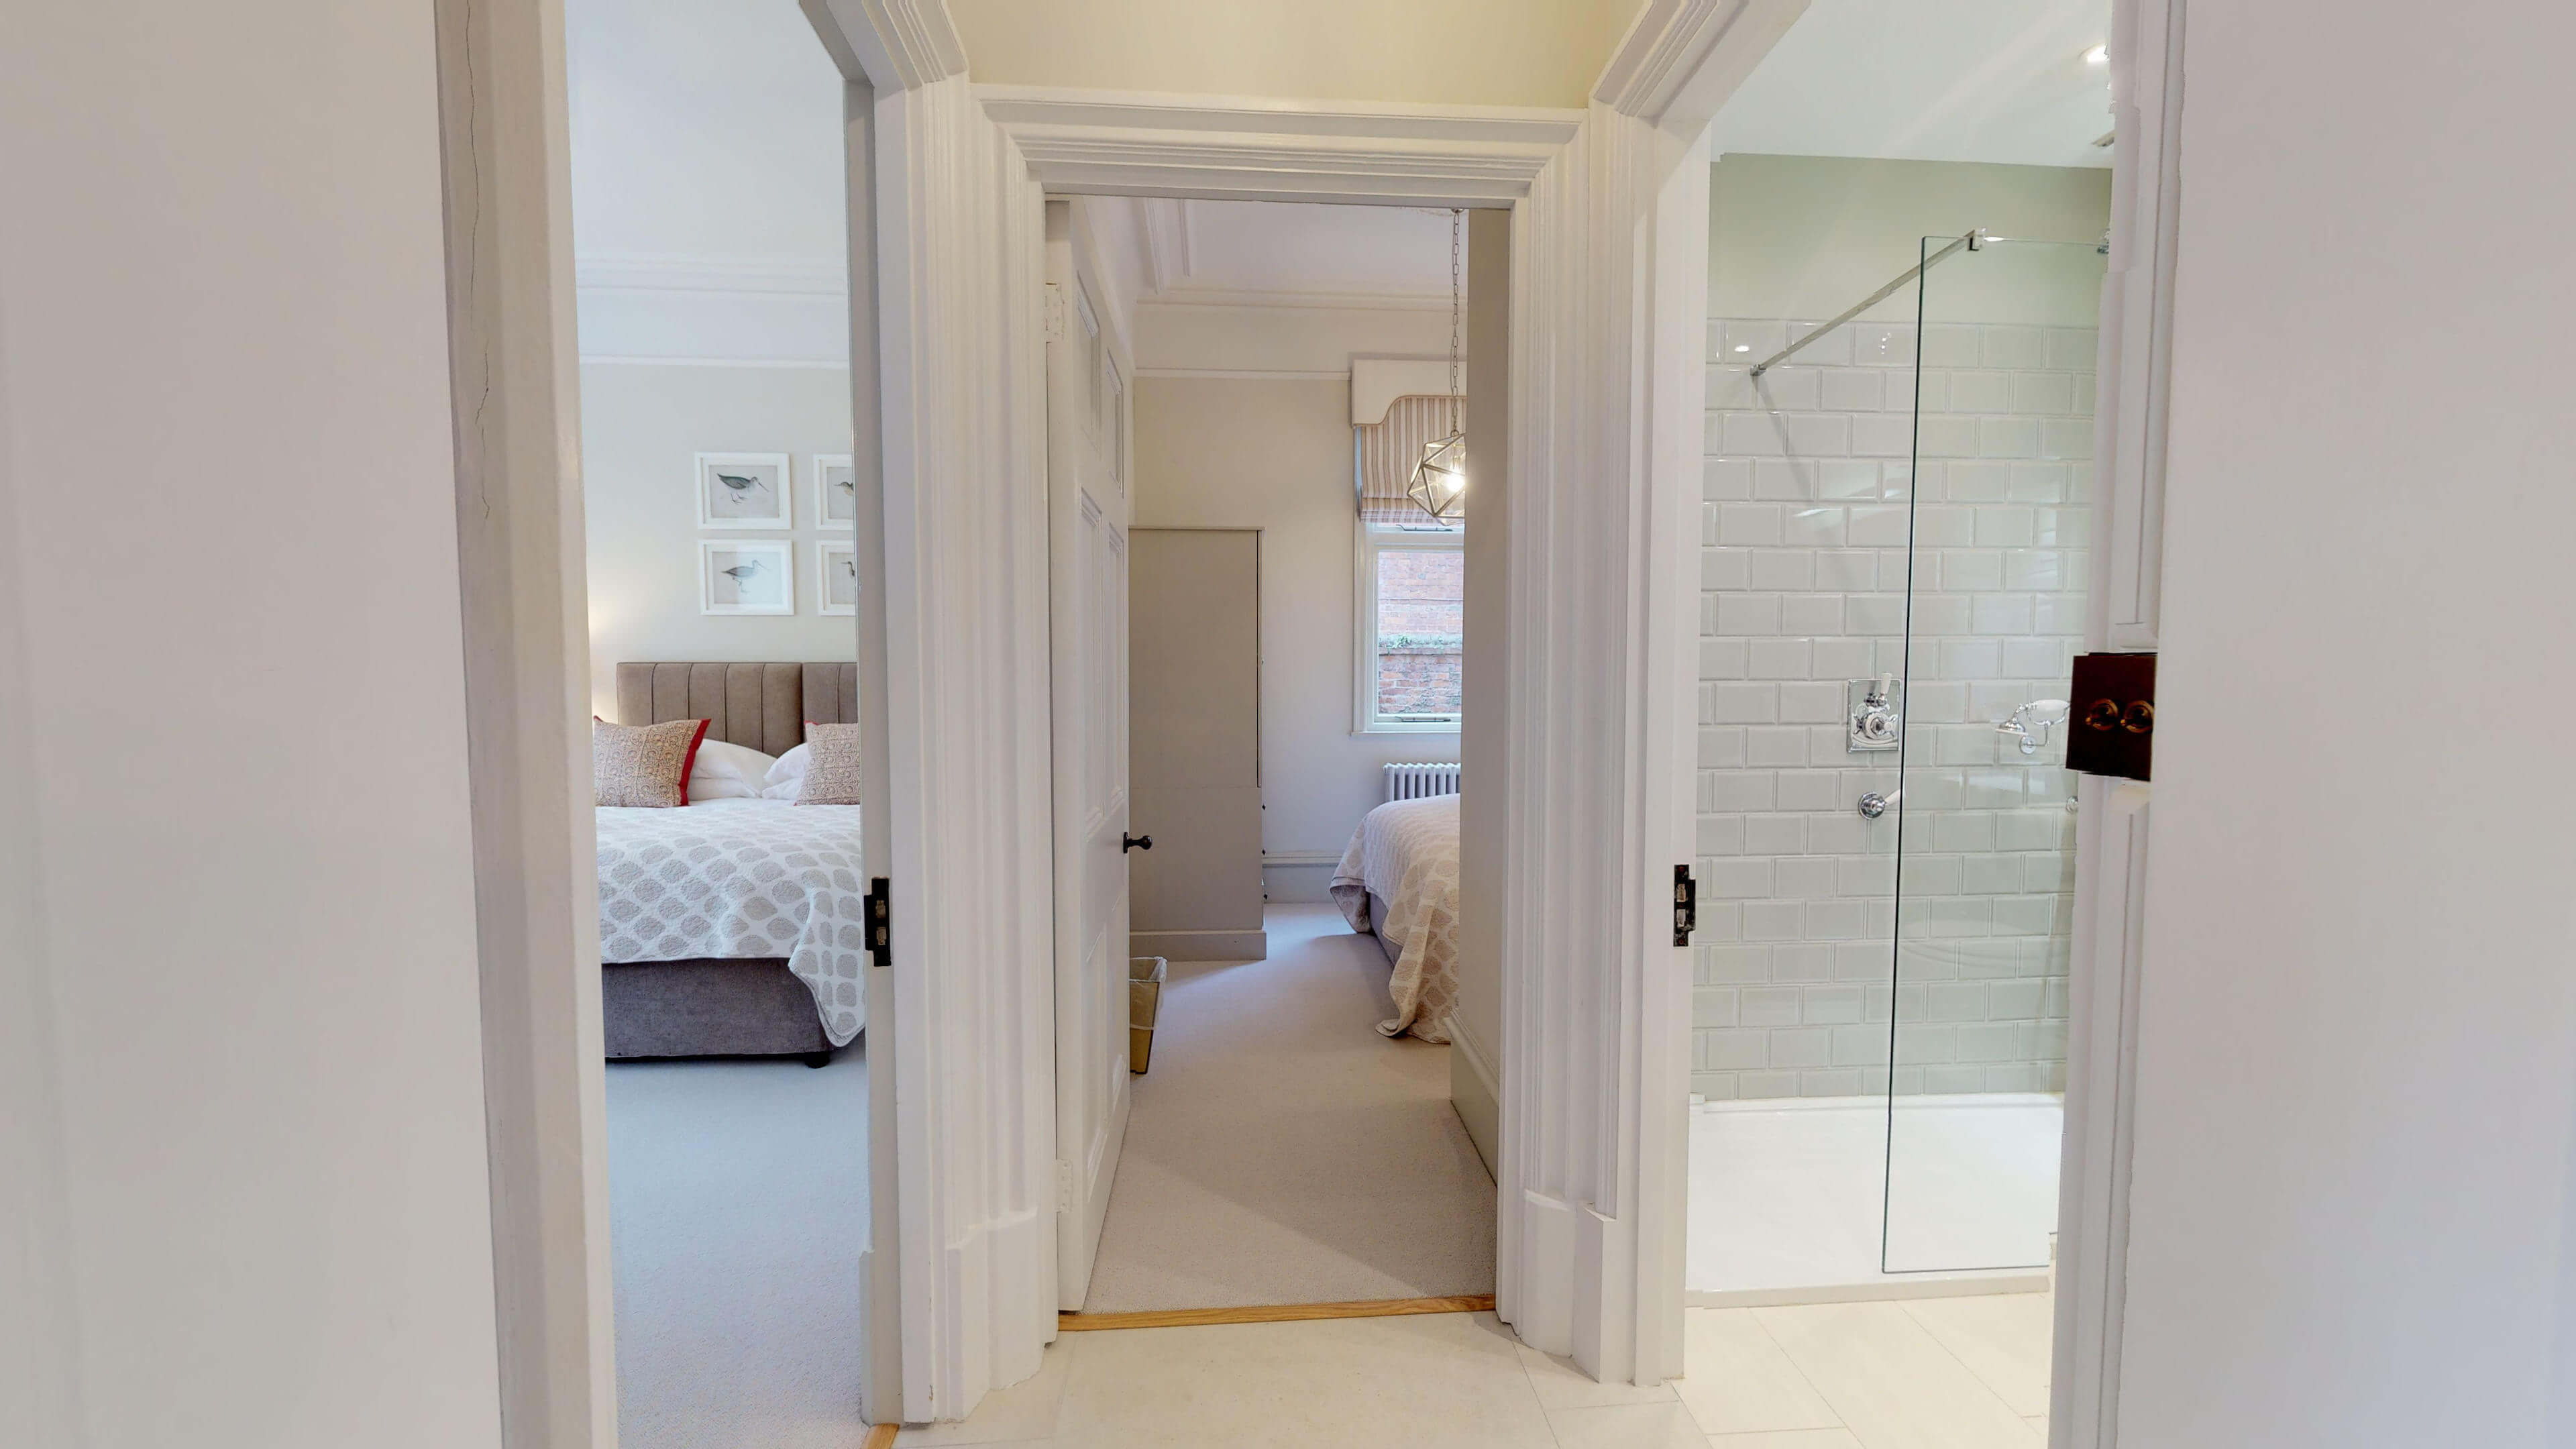 Rawlinson Road Garden Suite 06272019 082046